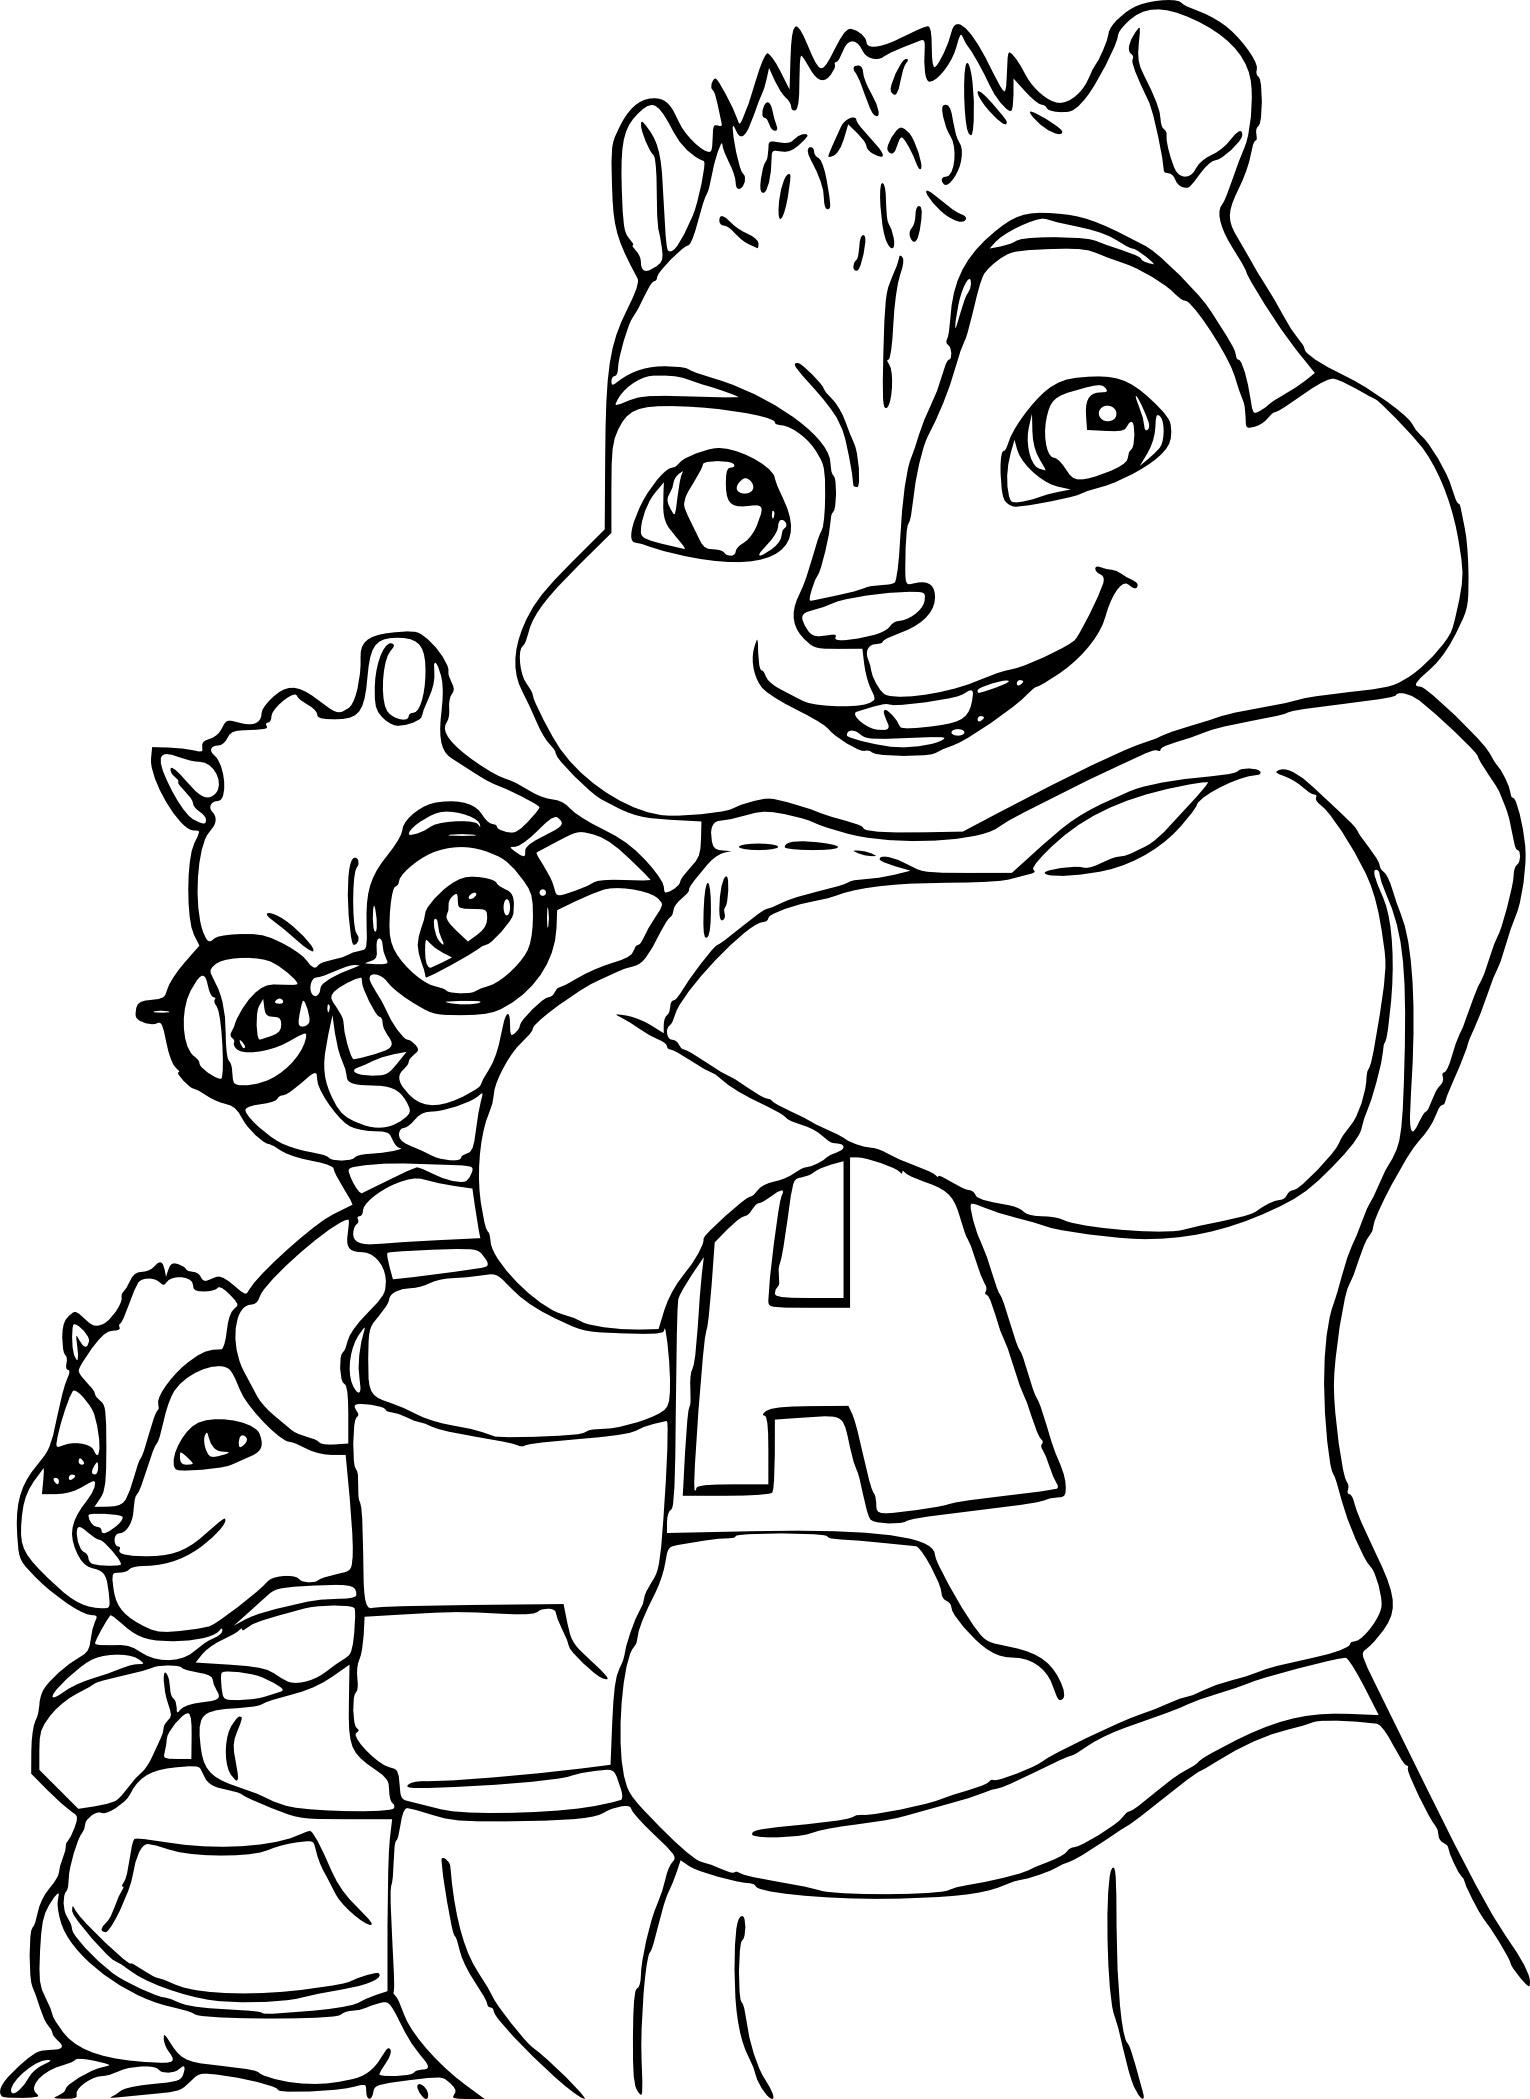 Belle Coloriage Alvin Et Les Chipmunks Gratuit | Haut Coloriage HD-Images et Imprimable Gratuit